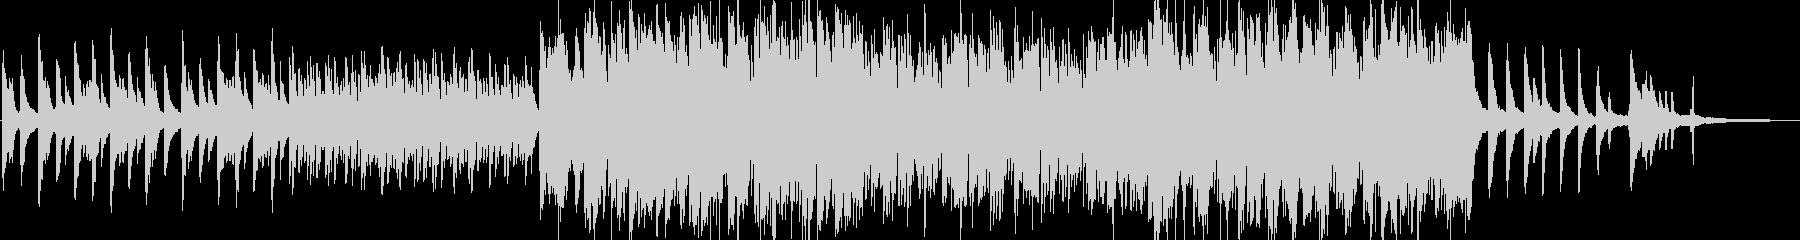 やさしく切ないピアノ曲の未再生の波形